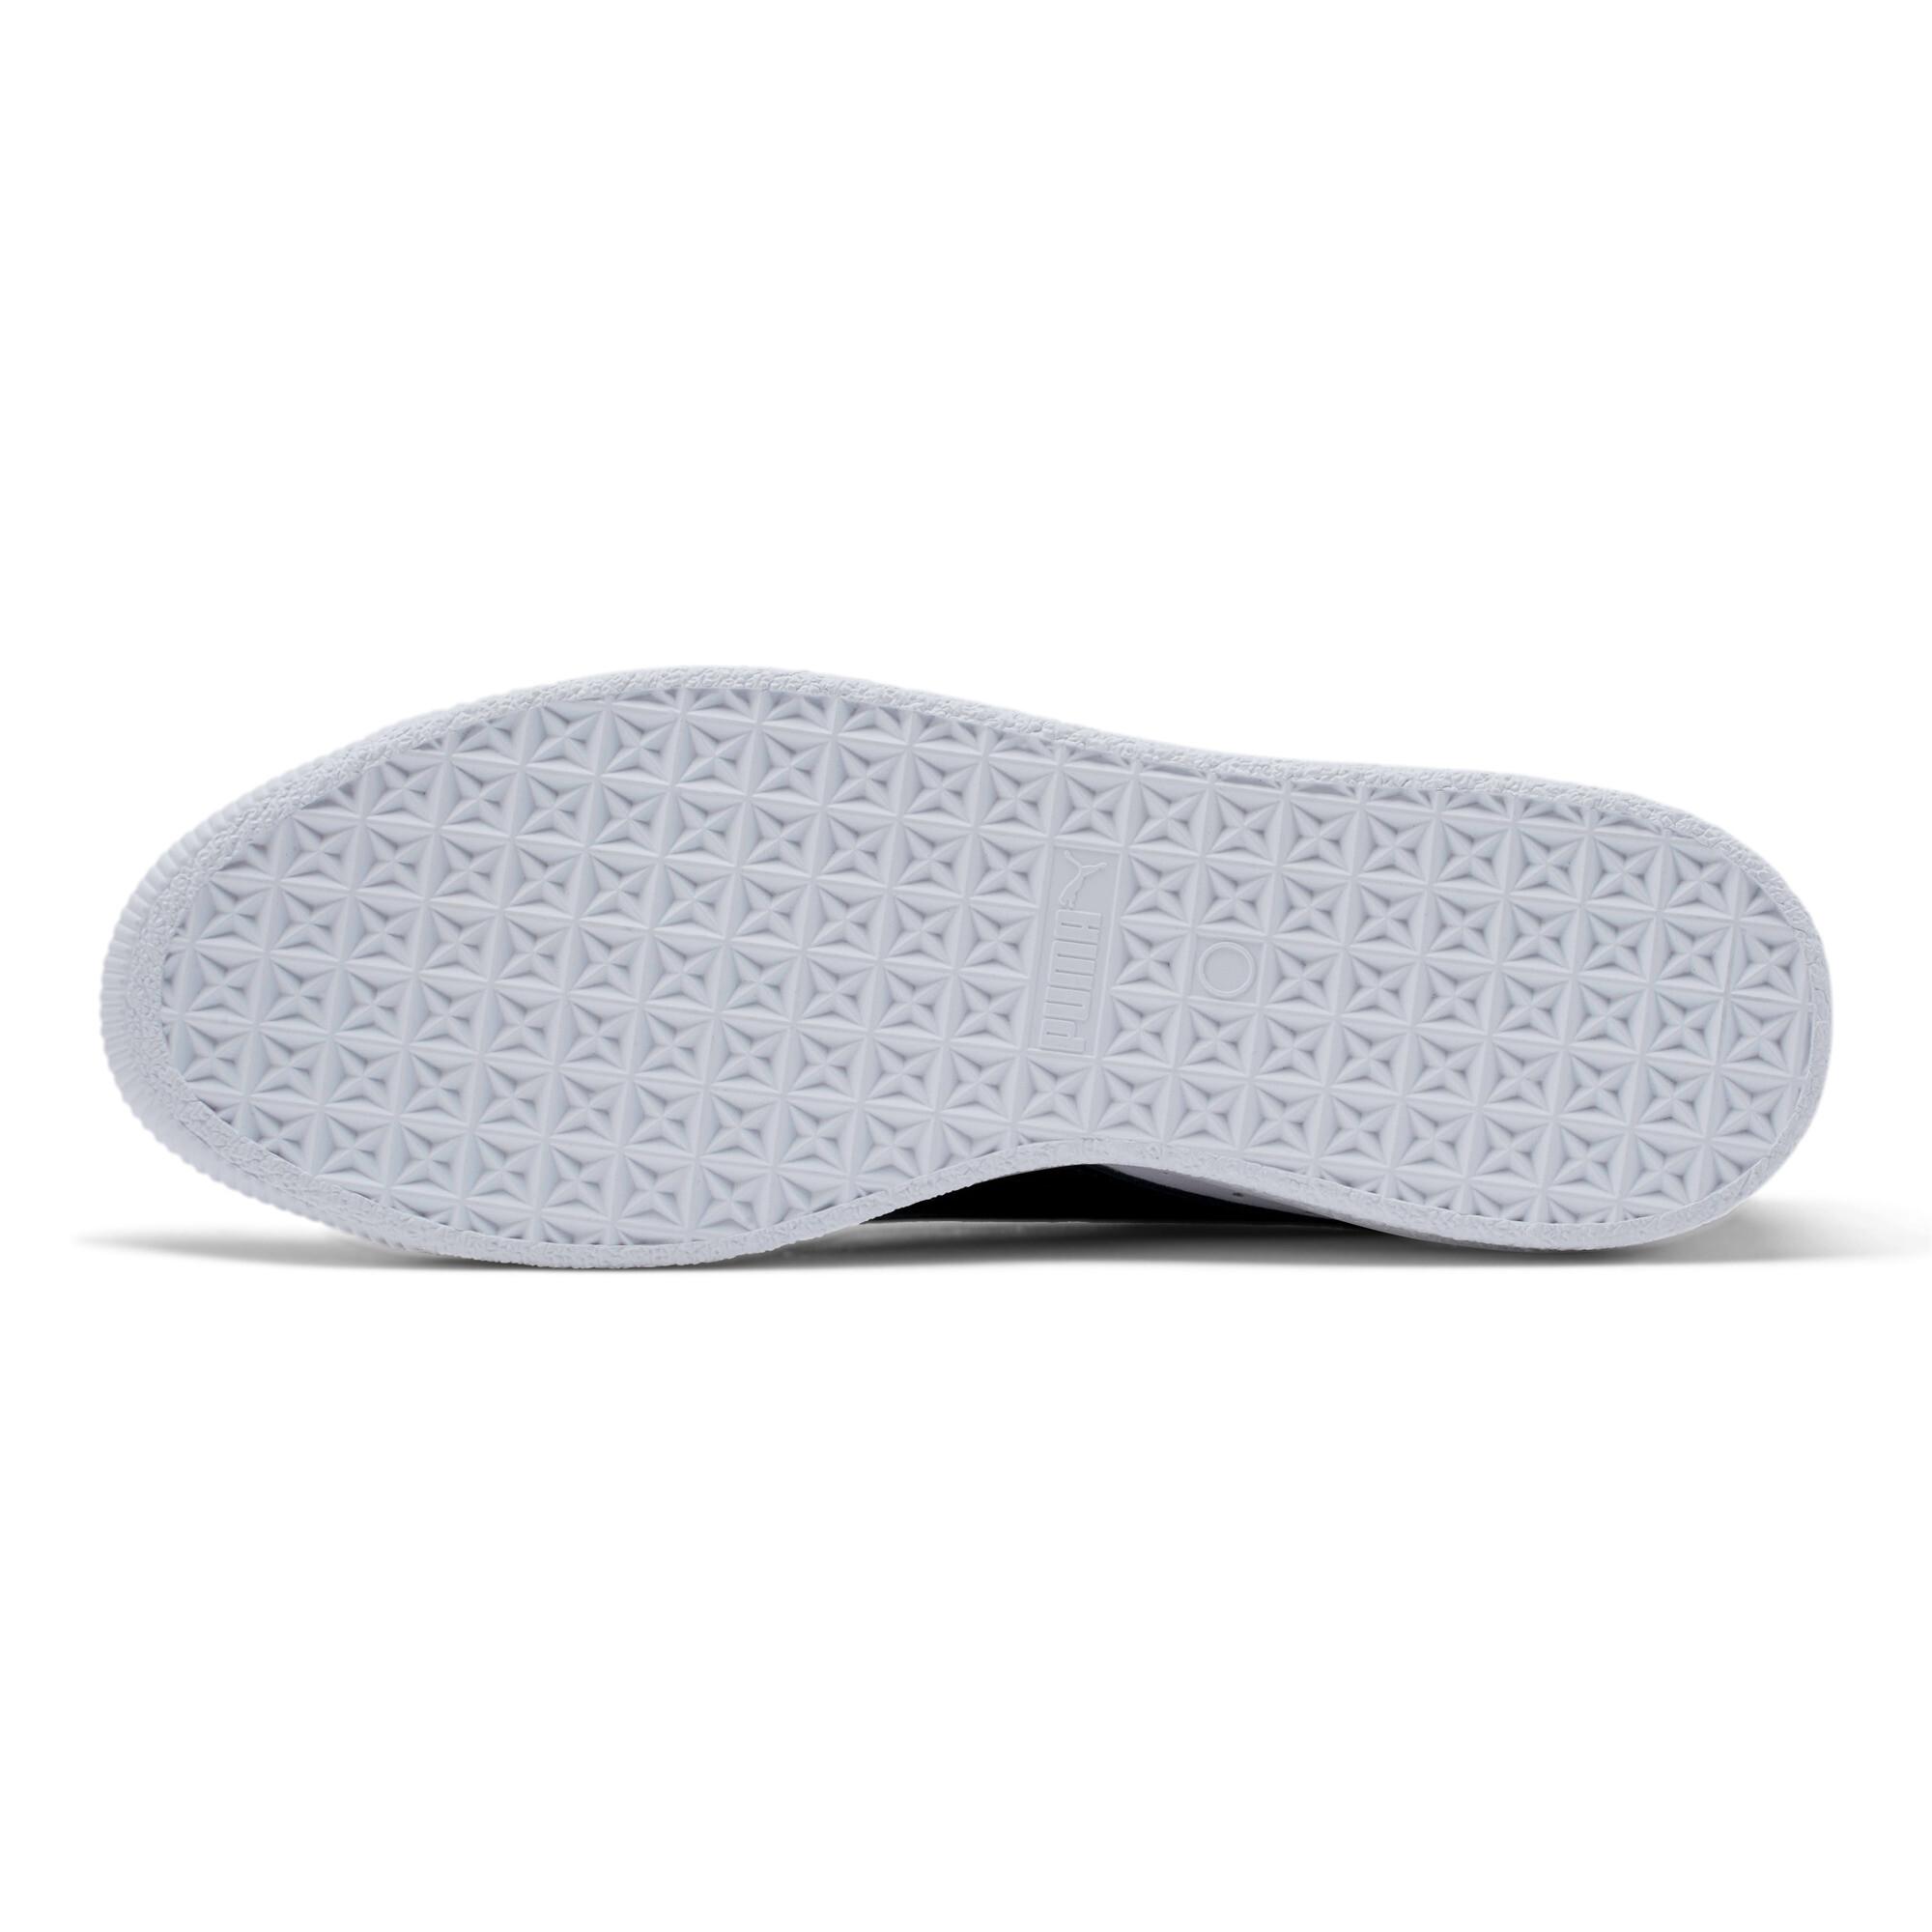 PUMA-Men-039-s-Clyde-Core-Foil-Sneakers thumbnail 15